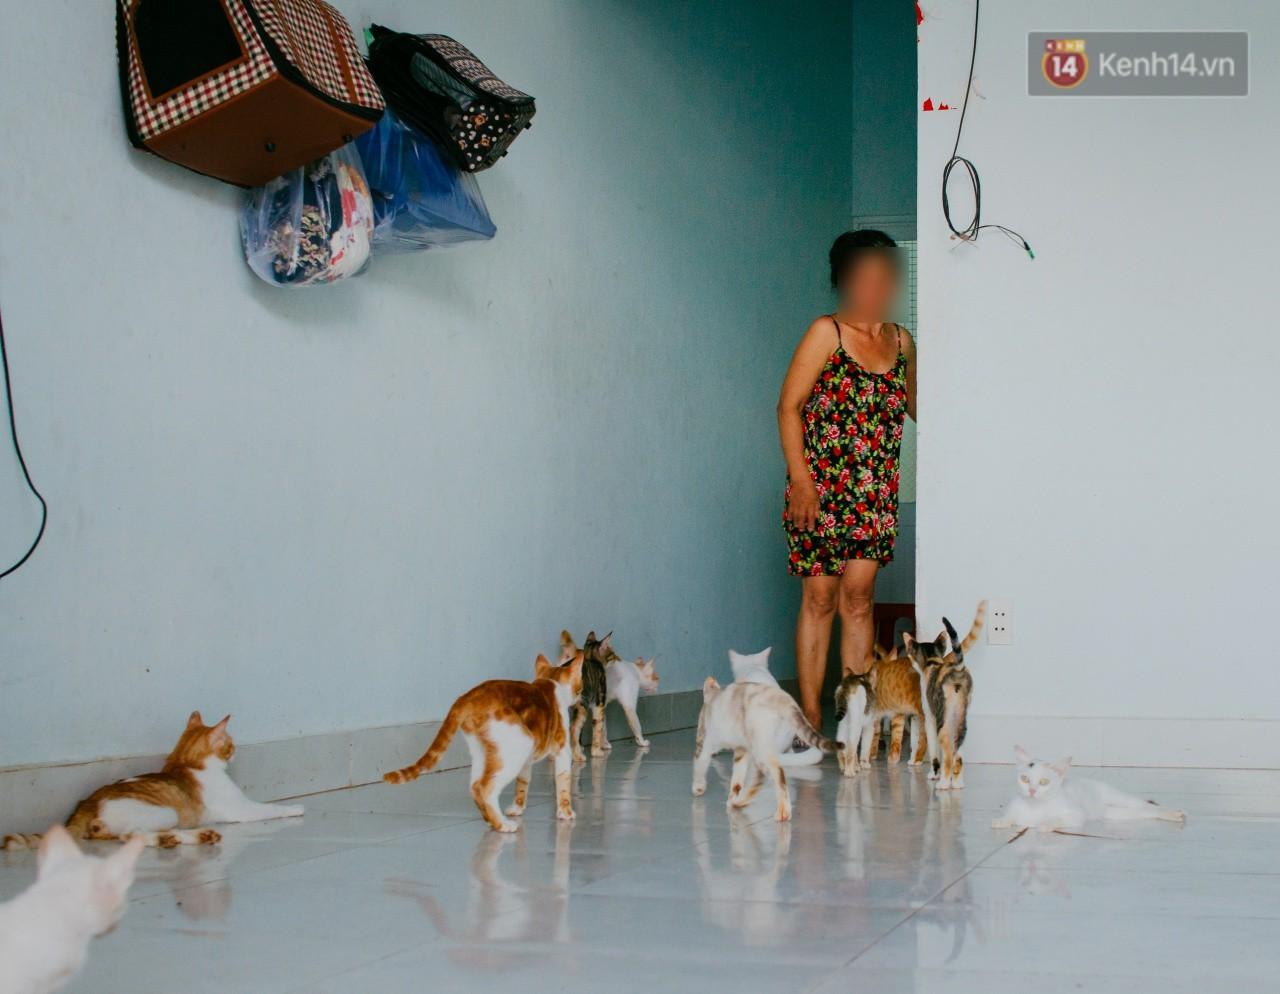 Người phụ nữ hy sinh 20 năm tuổi xuân để cưu mang hàng trăm chú mèo hoang ở Sài Gòn - Ảnh 1.